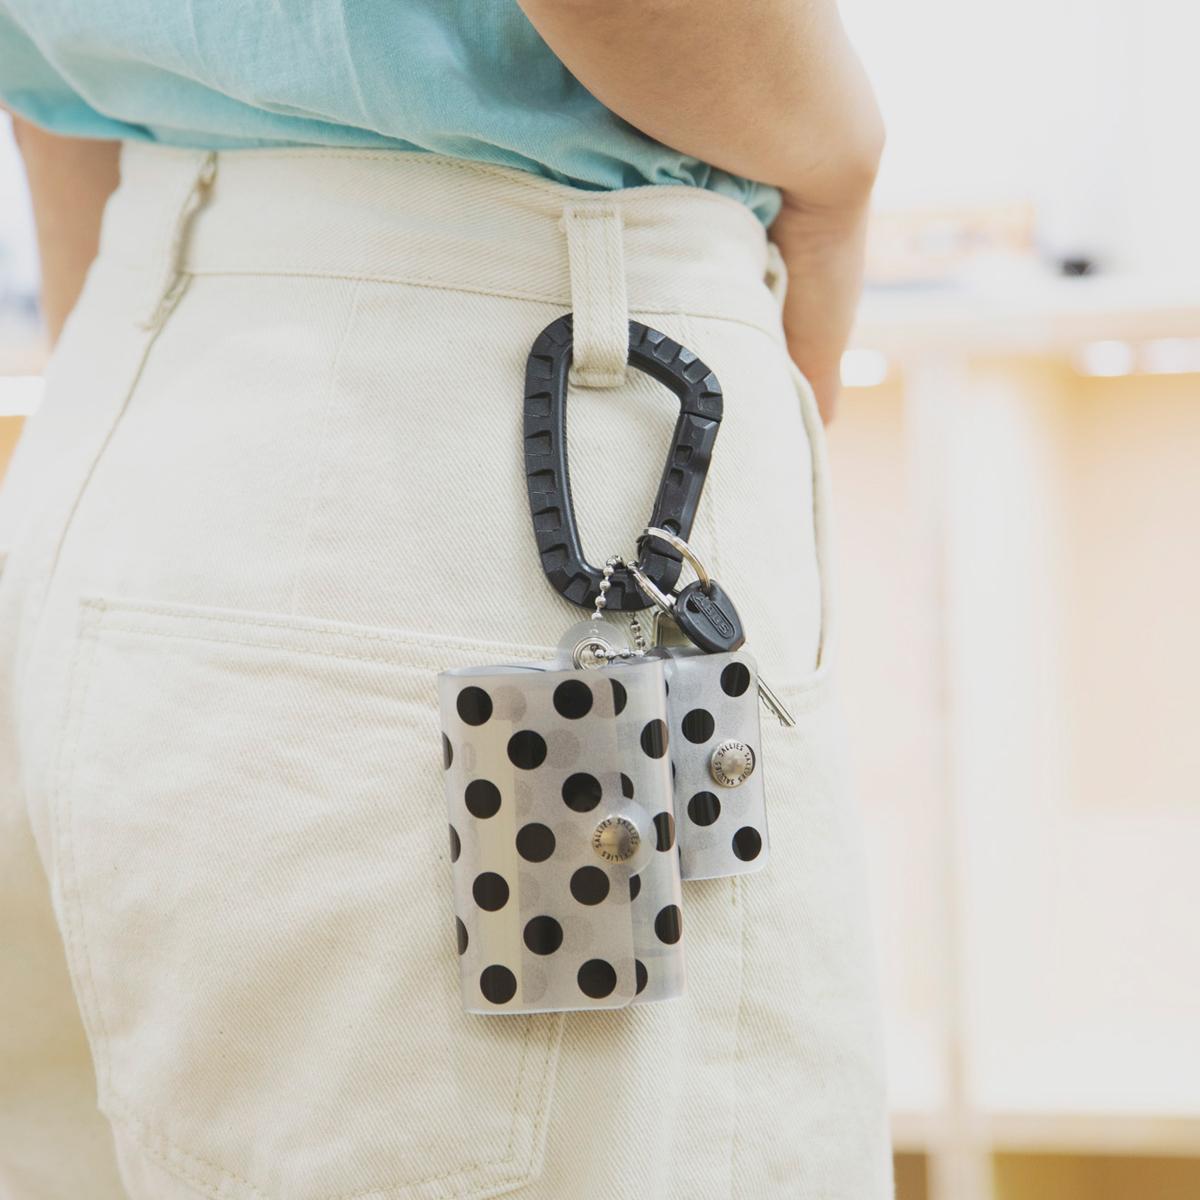 ベルトループやバッグハンドルに取り付けられる。これひとつで、ジム・旅行・アウトドアへ!ミニマム構造がかなえる、軽量&収納力の「ミニ財布」|SALLIES